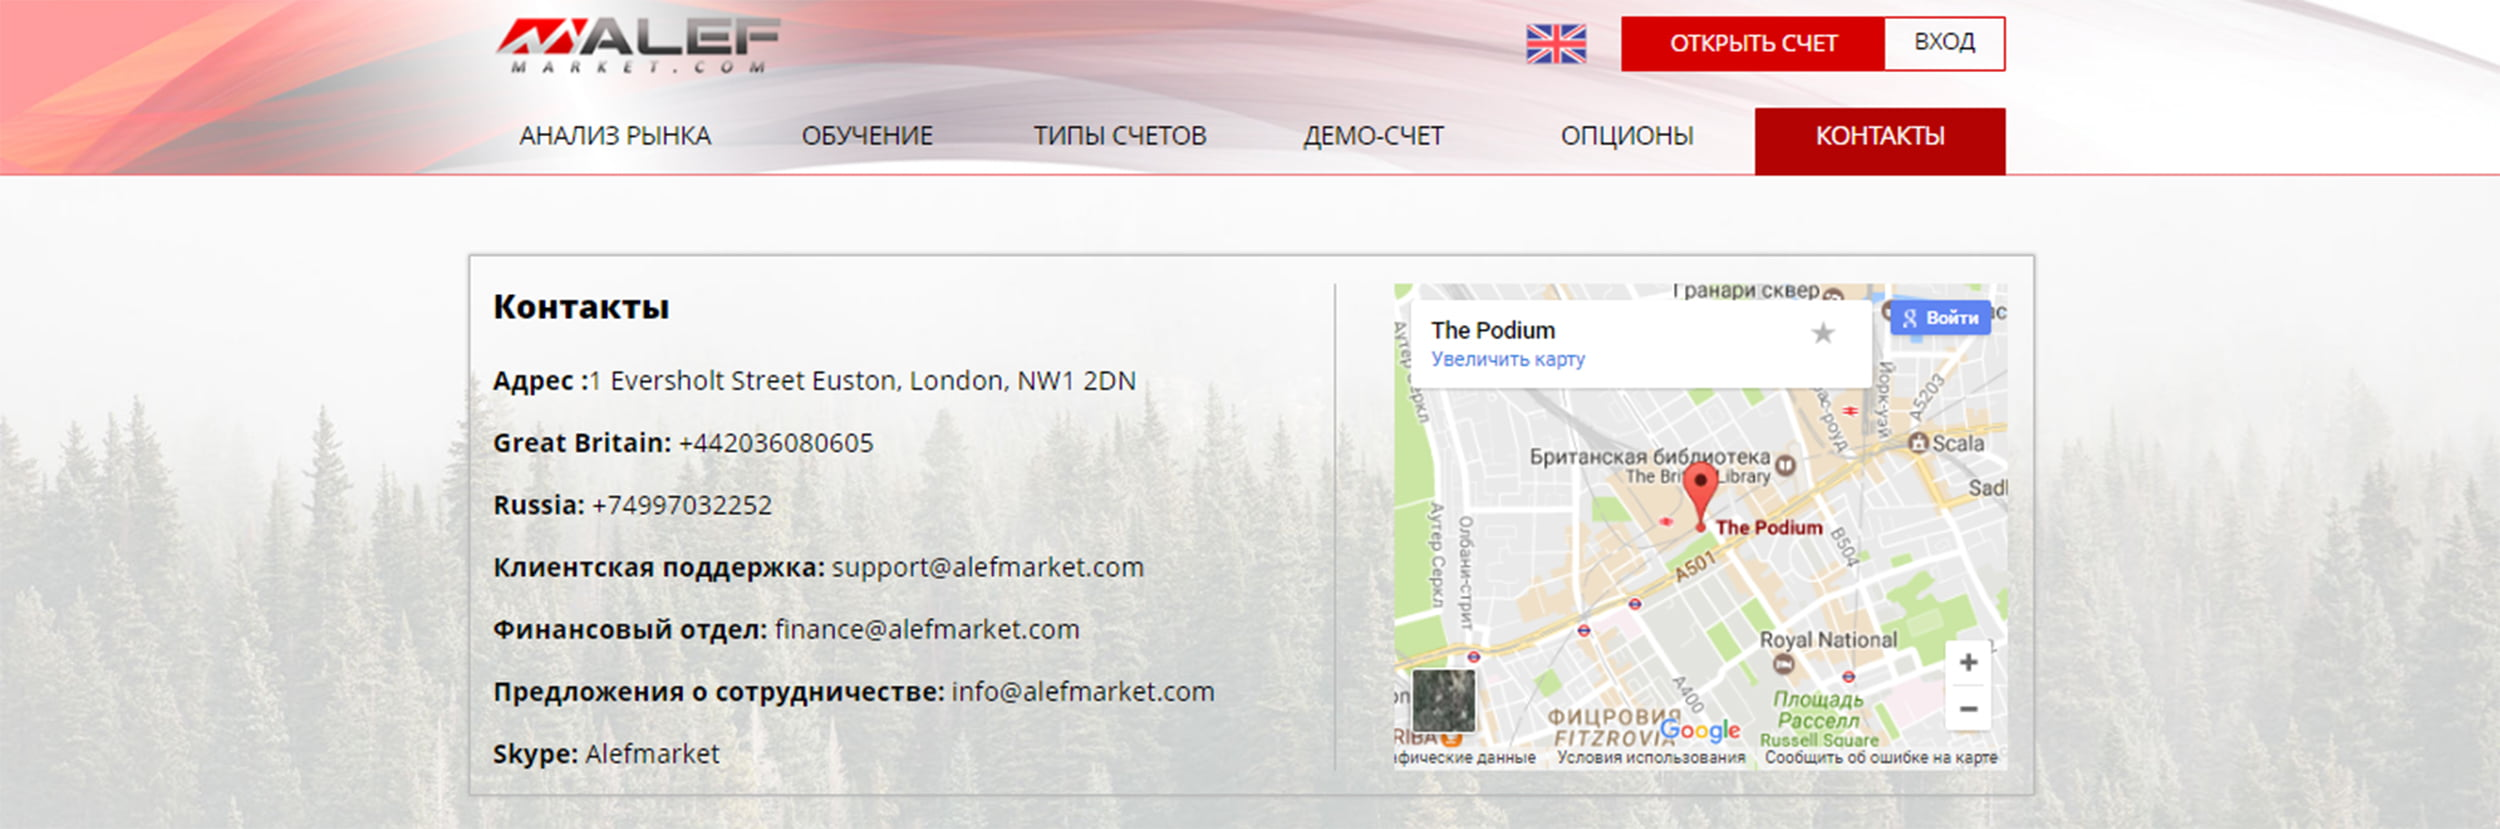 Контактная информация брокера AlefMarket